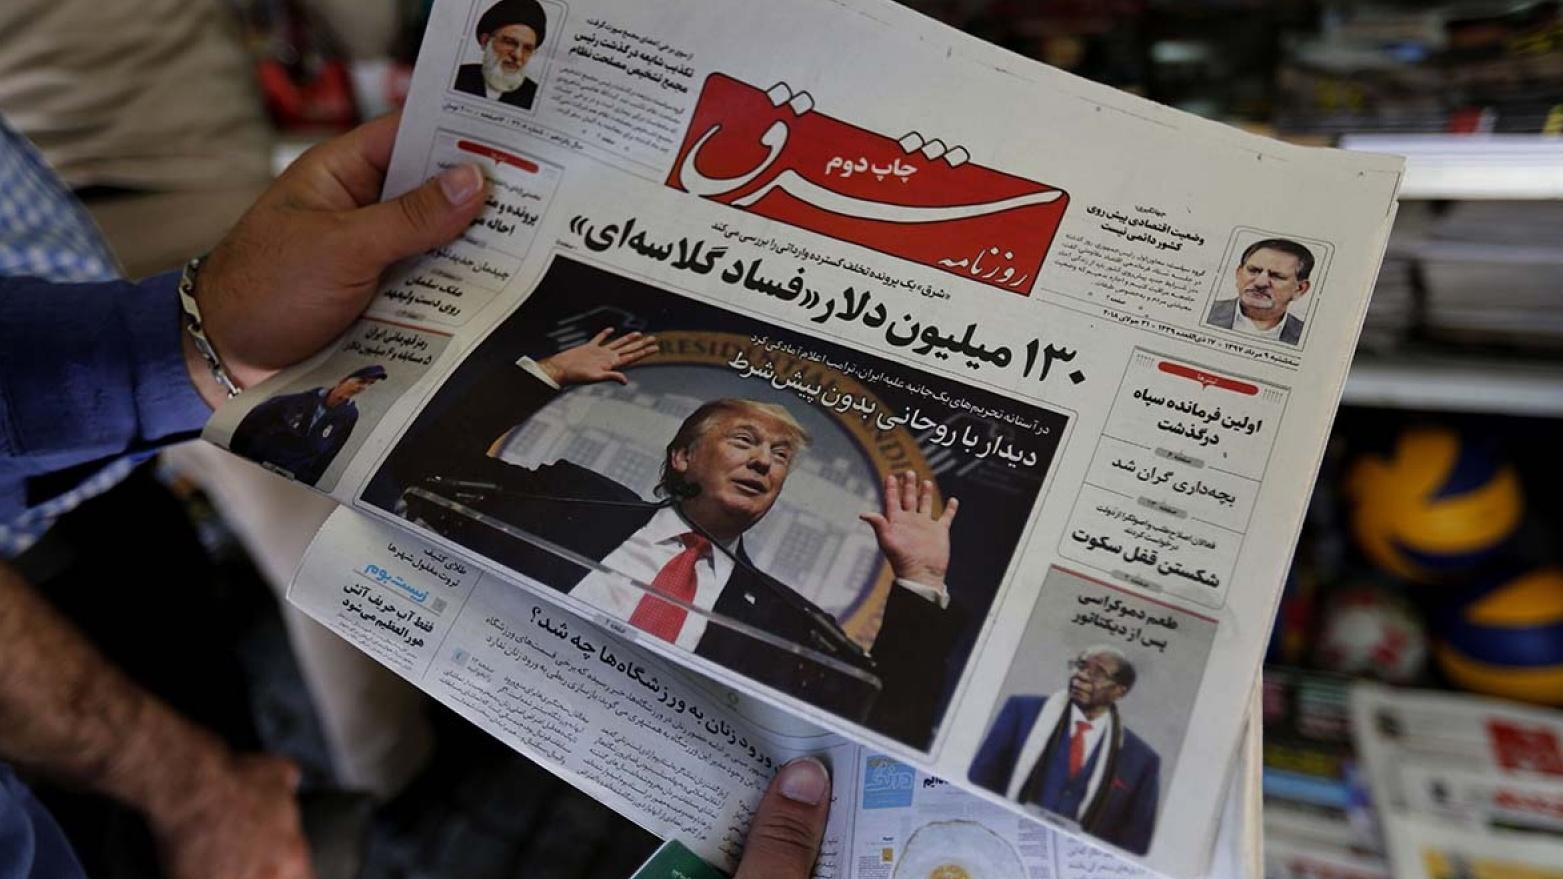 سيناريوهات التصعيد الأمريكي ـ الإيراني بعد العقوبات